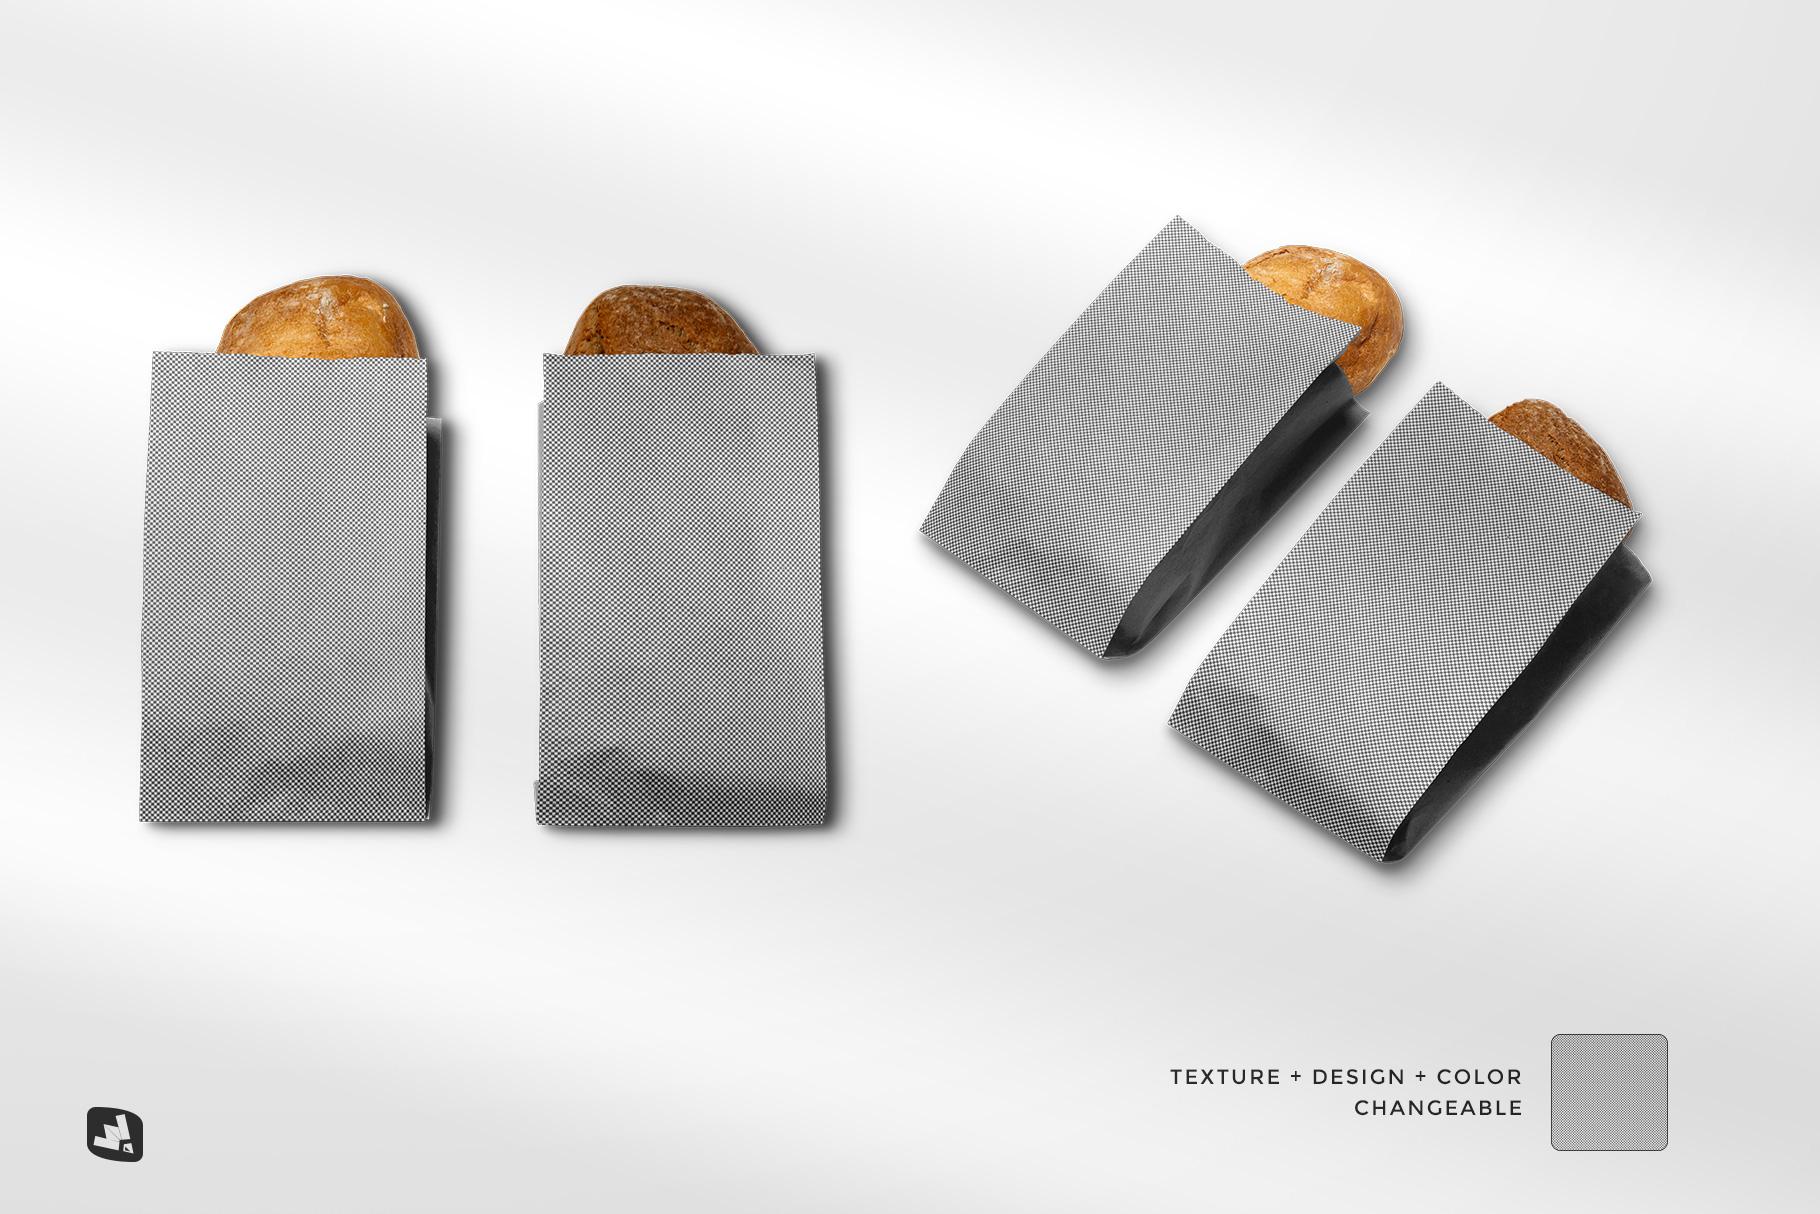 editability of the kraft paper bakery branding mockup